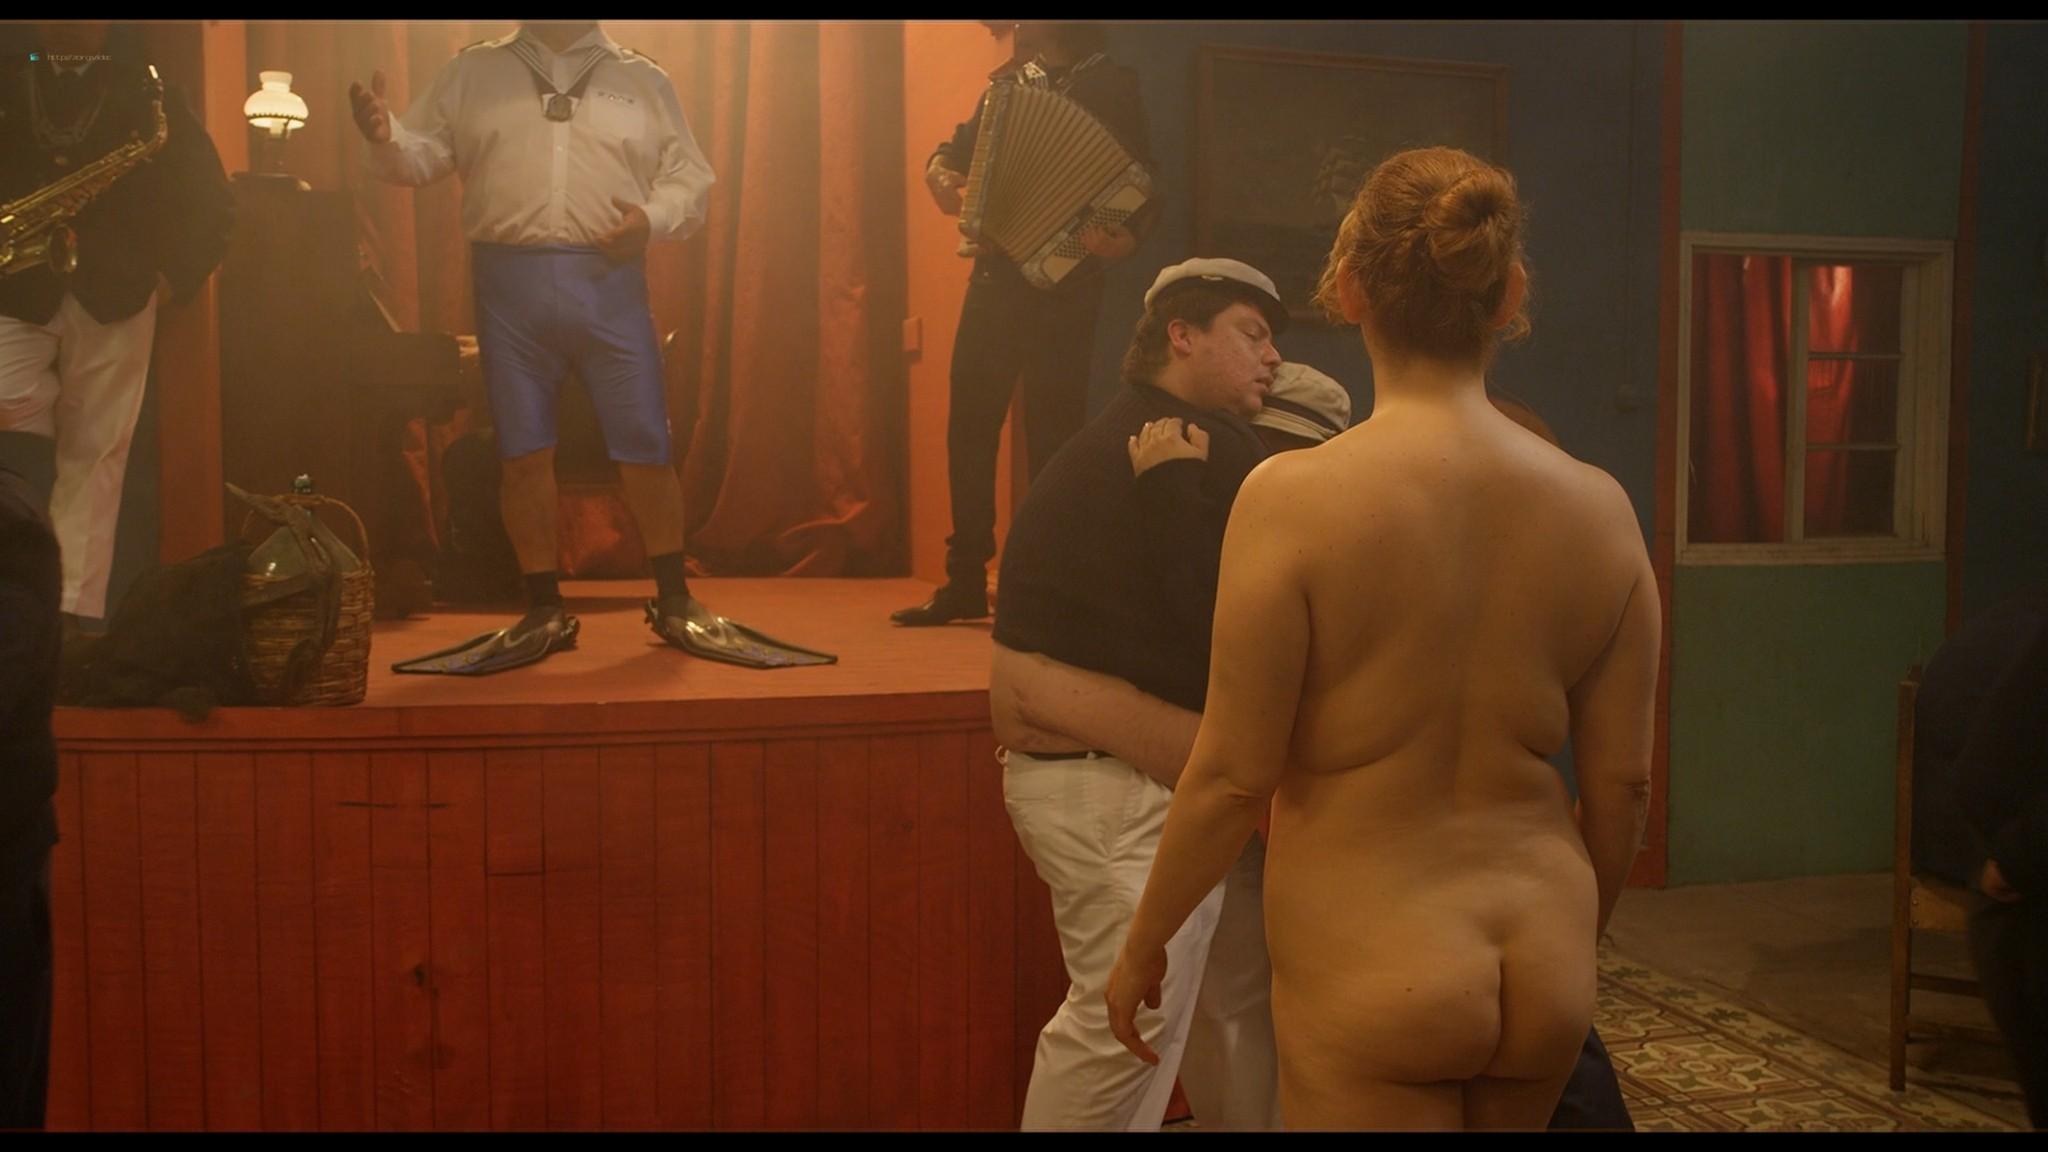 Pamela Flores nude full frontal - La danza de la realidad (2013) HD 1080p BluRay REMUX (3)